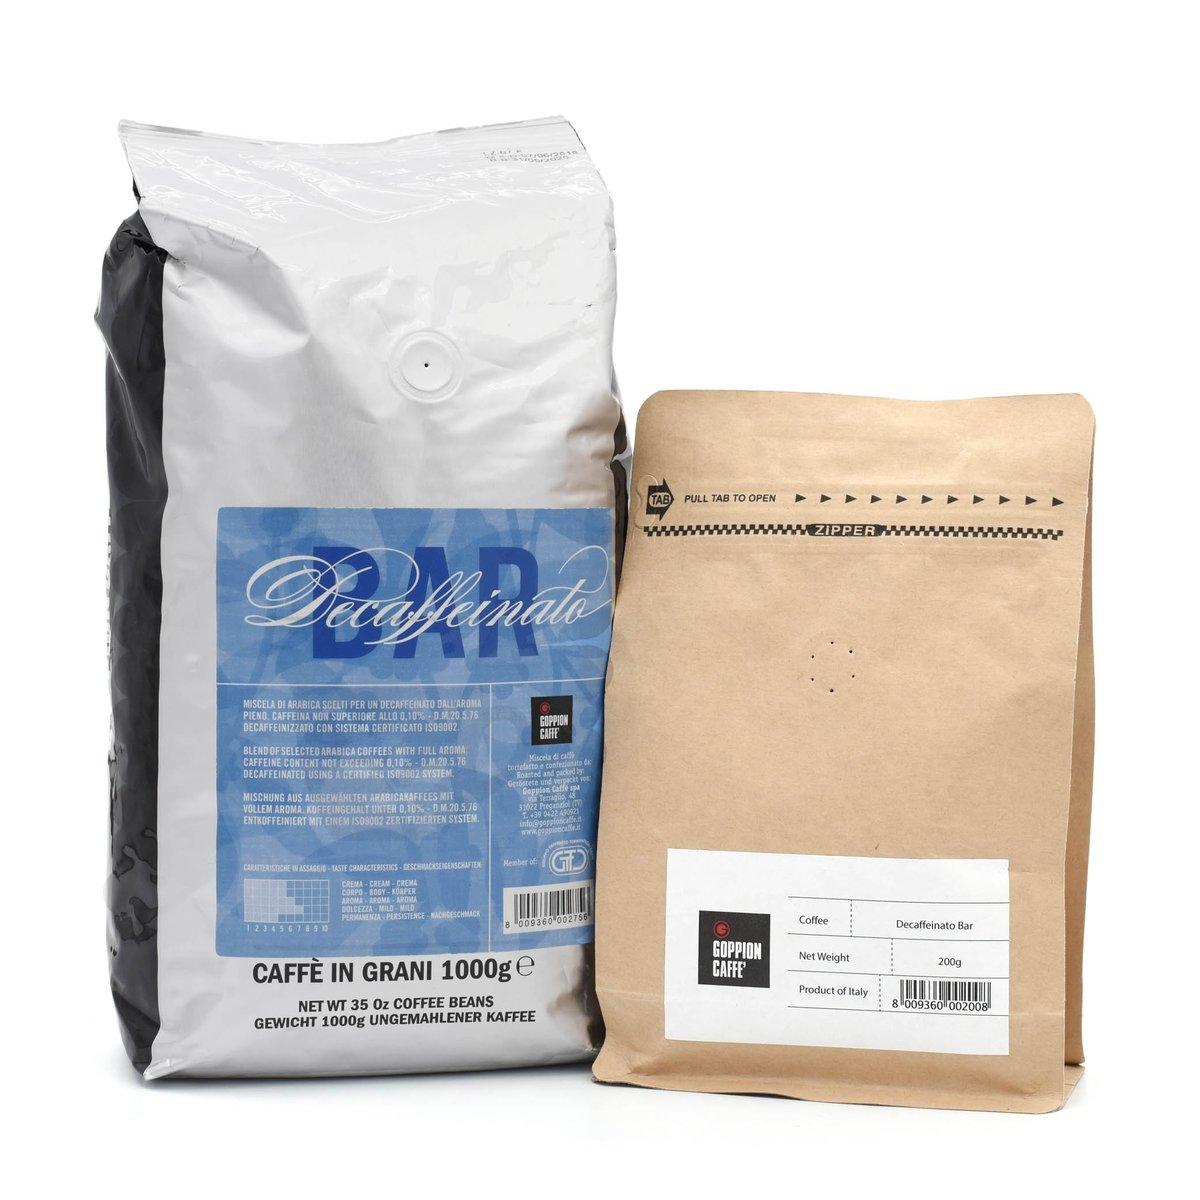 意大利脫咖啡因咖啡豆 200克